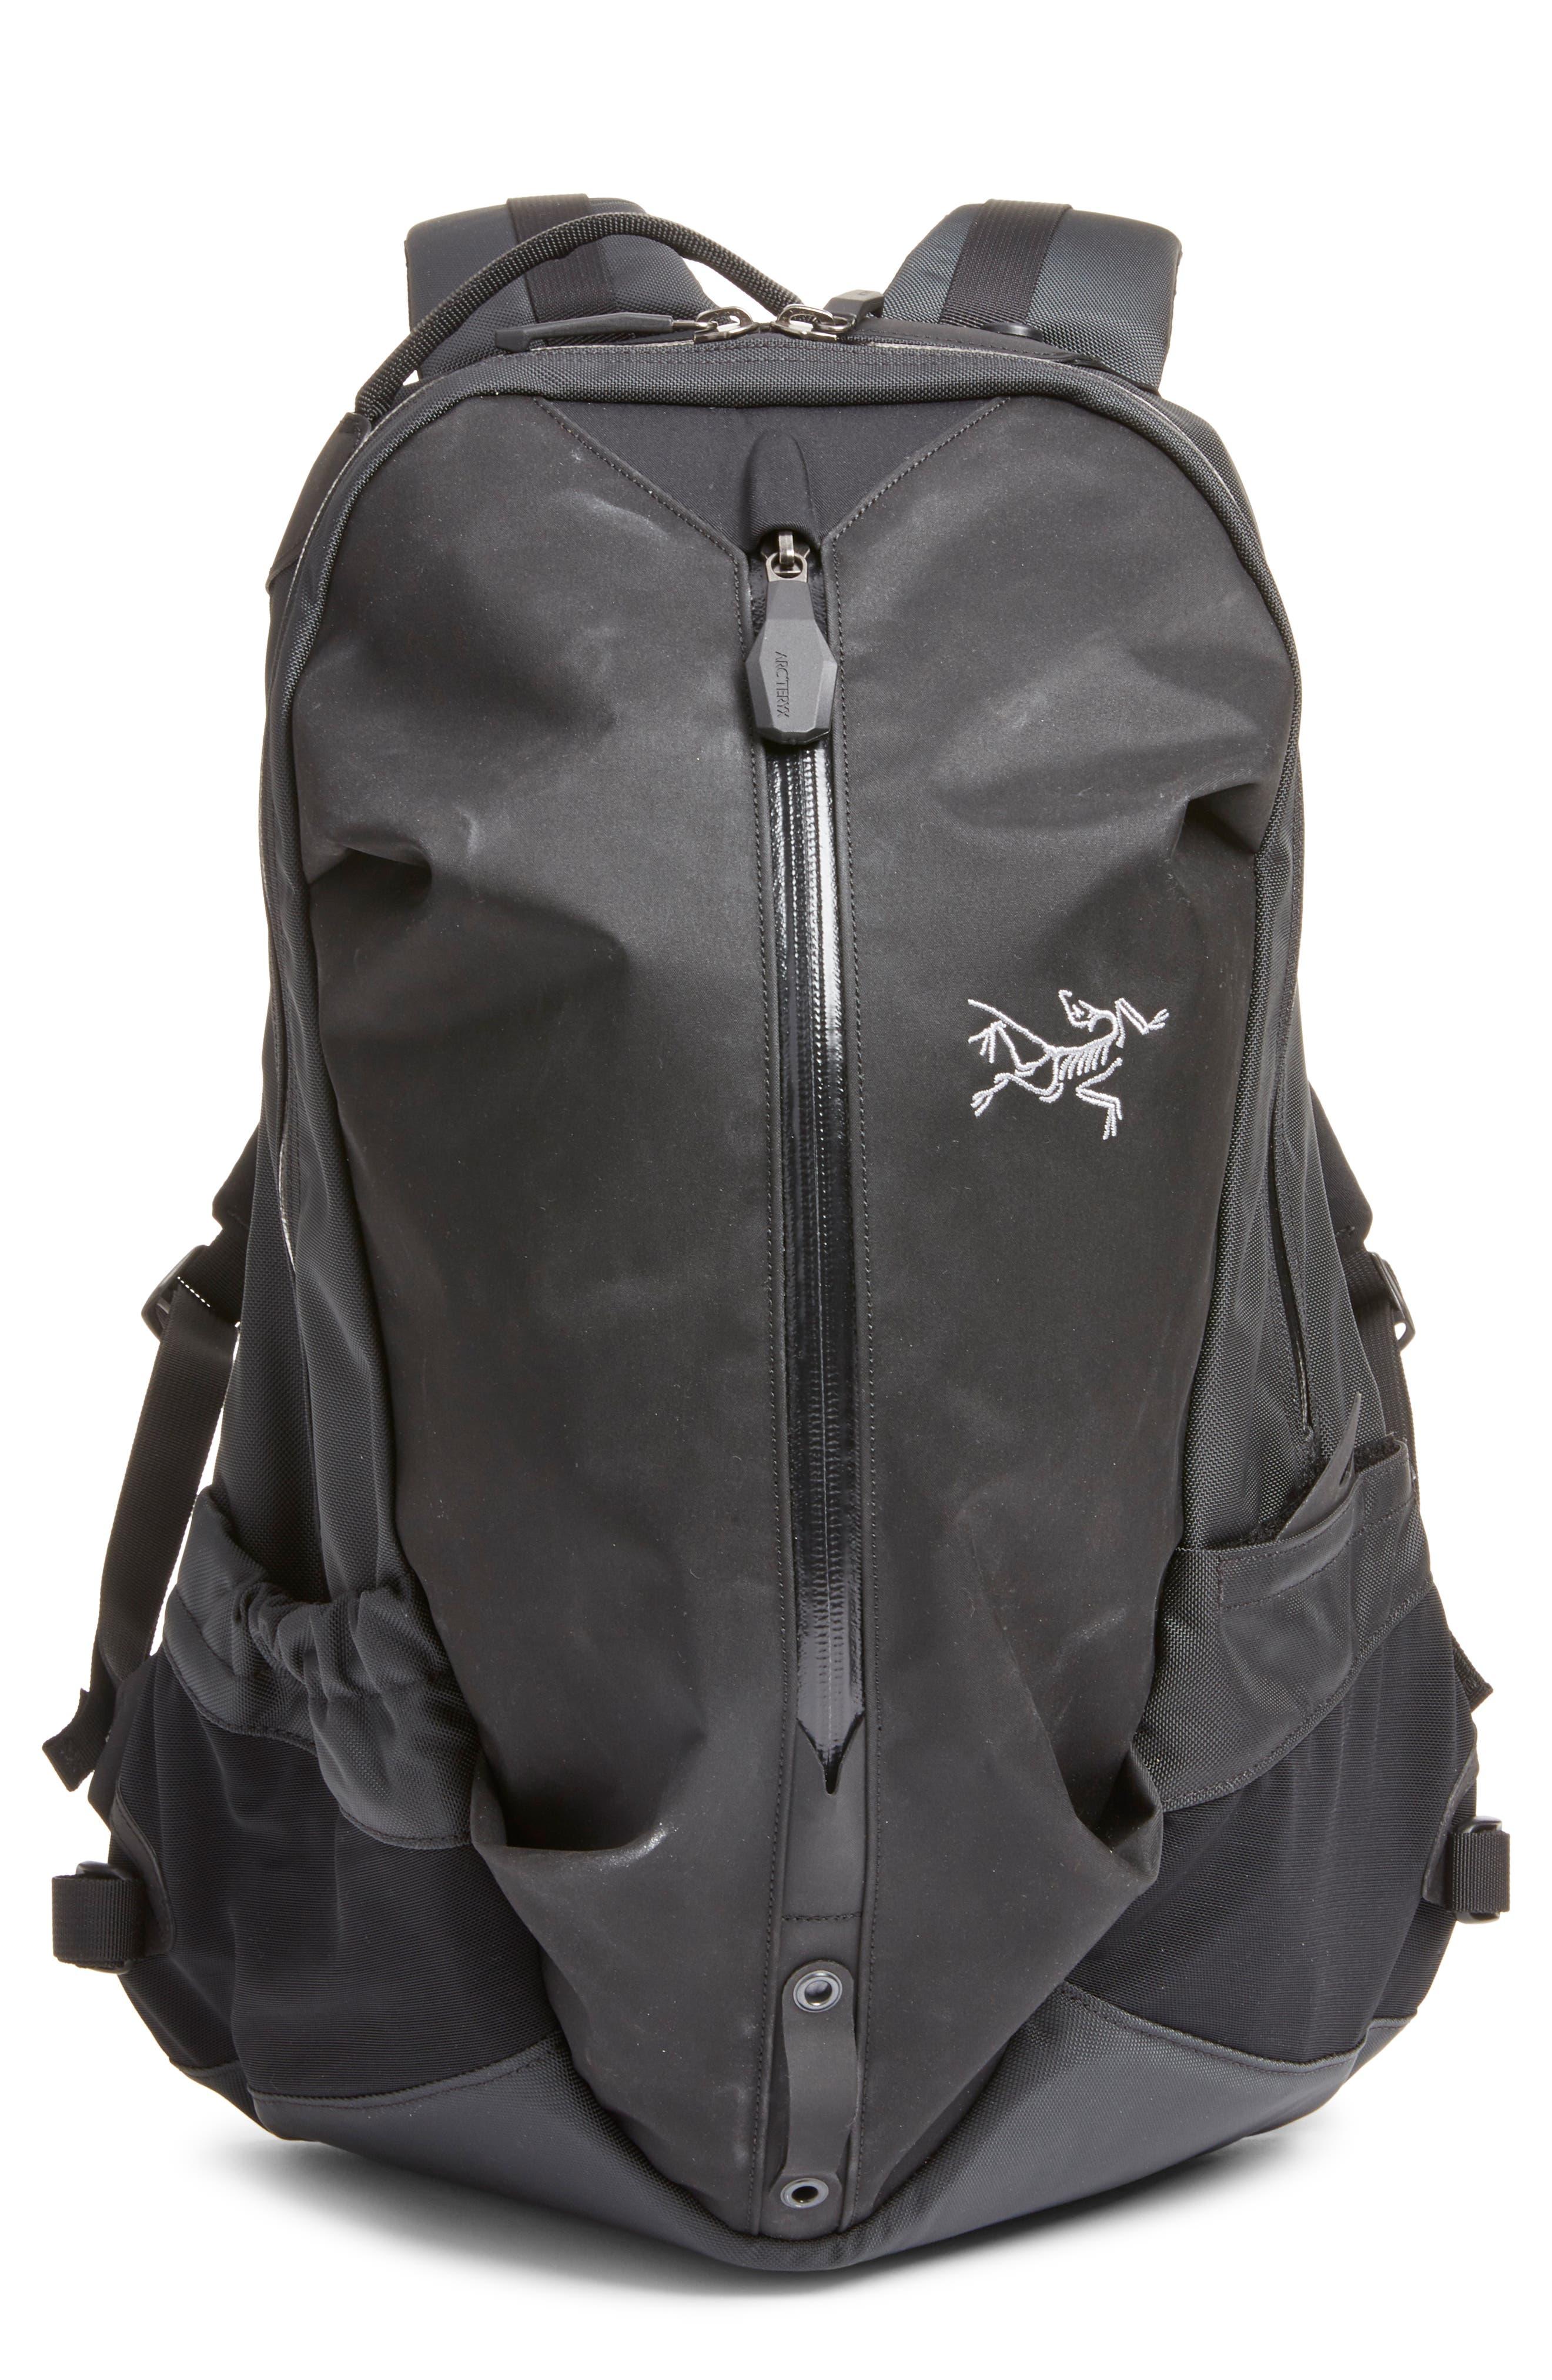 Arro 16 Nylon Backpack